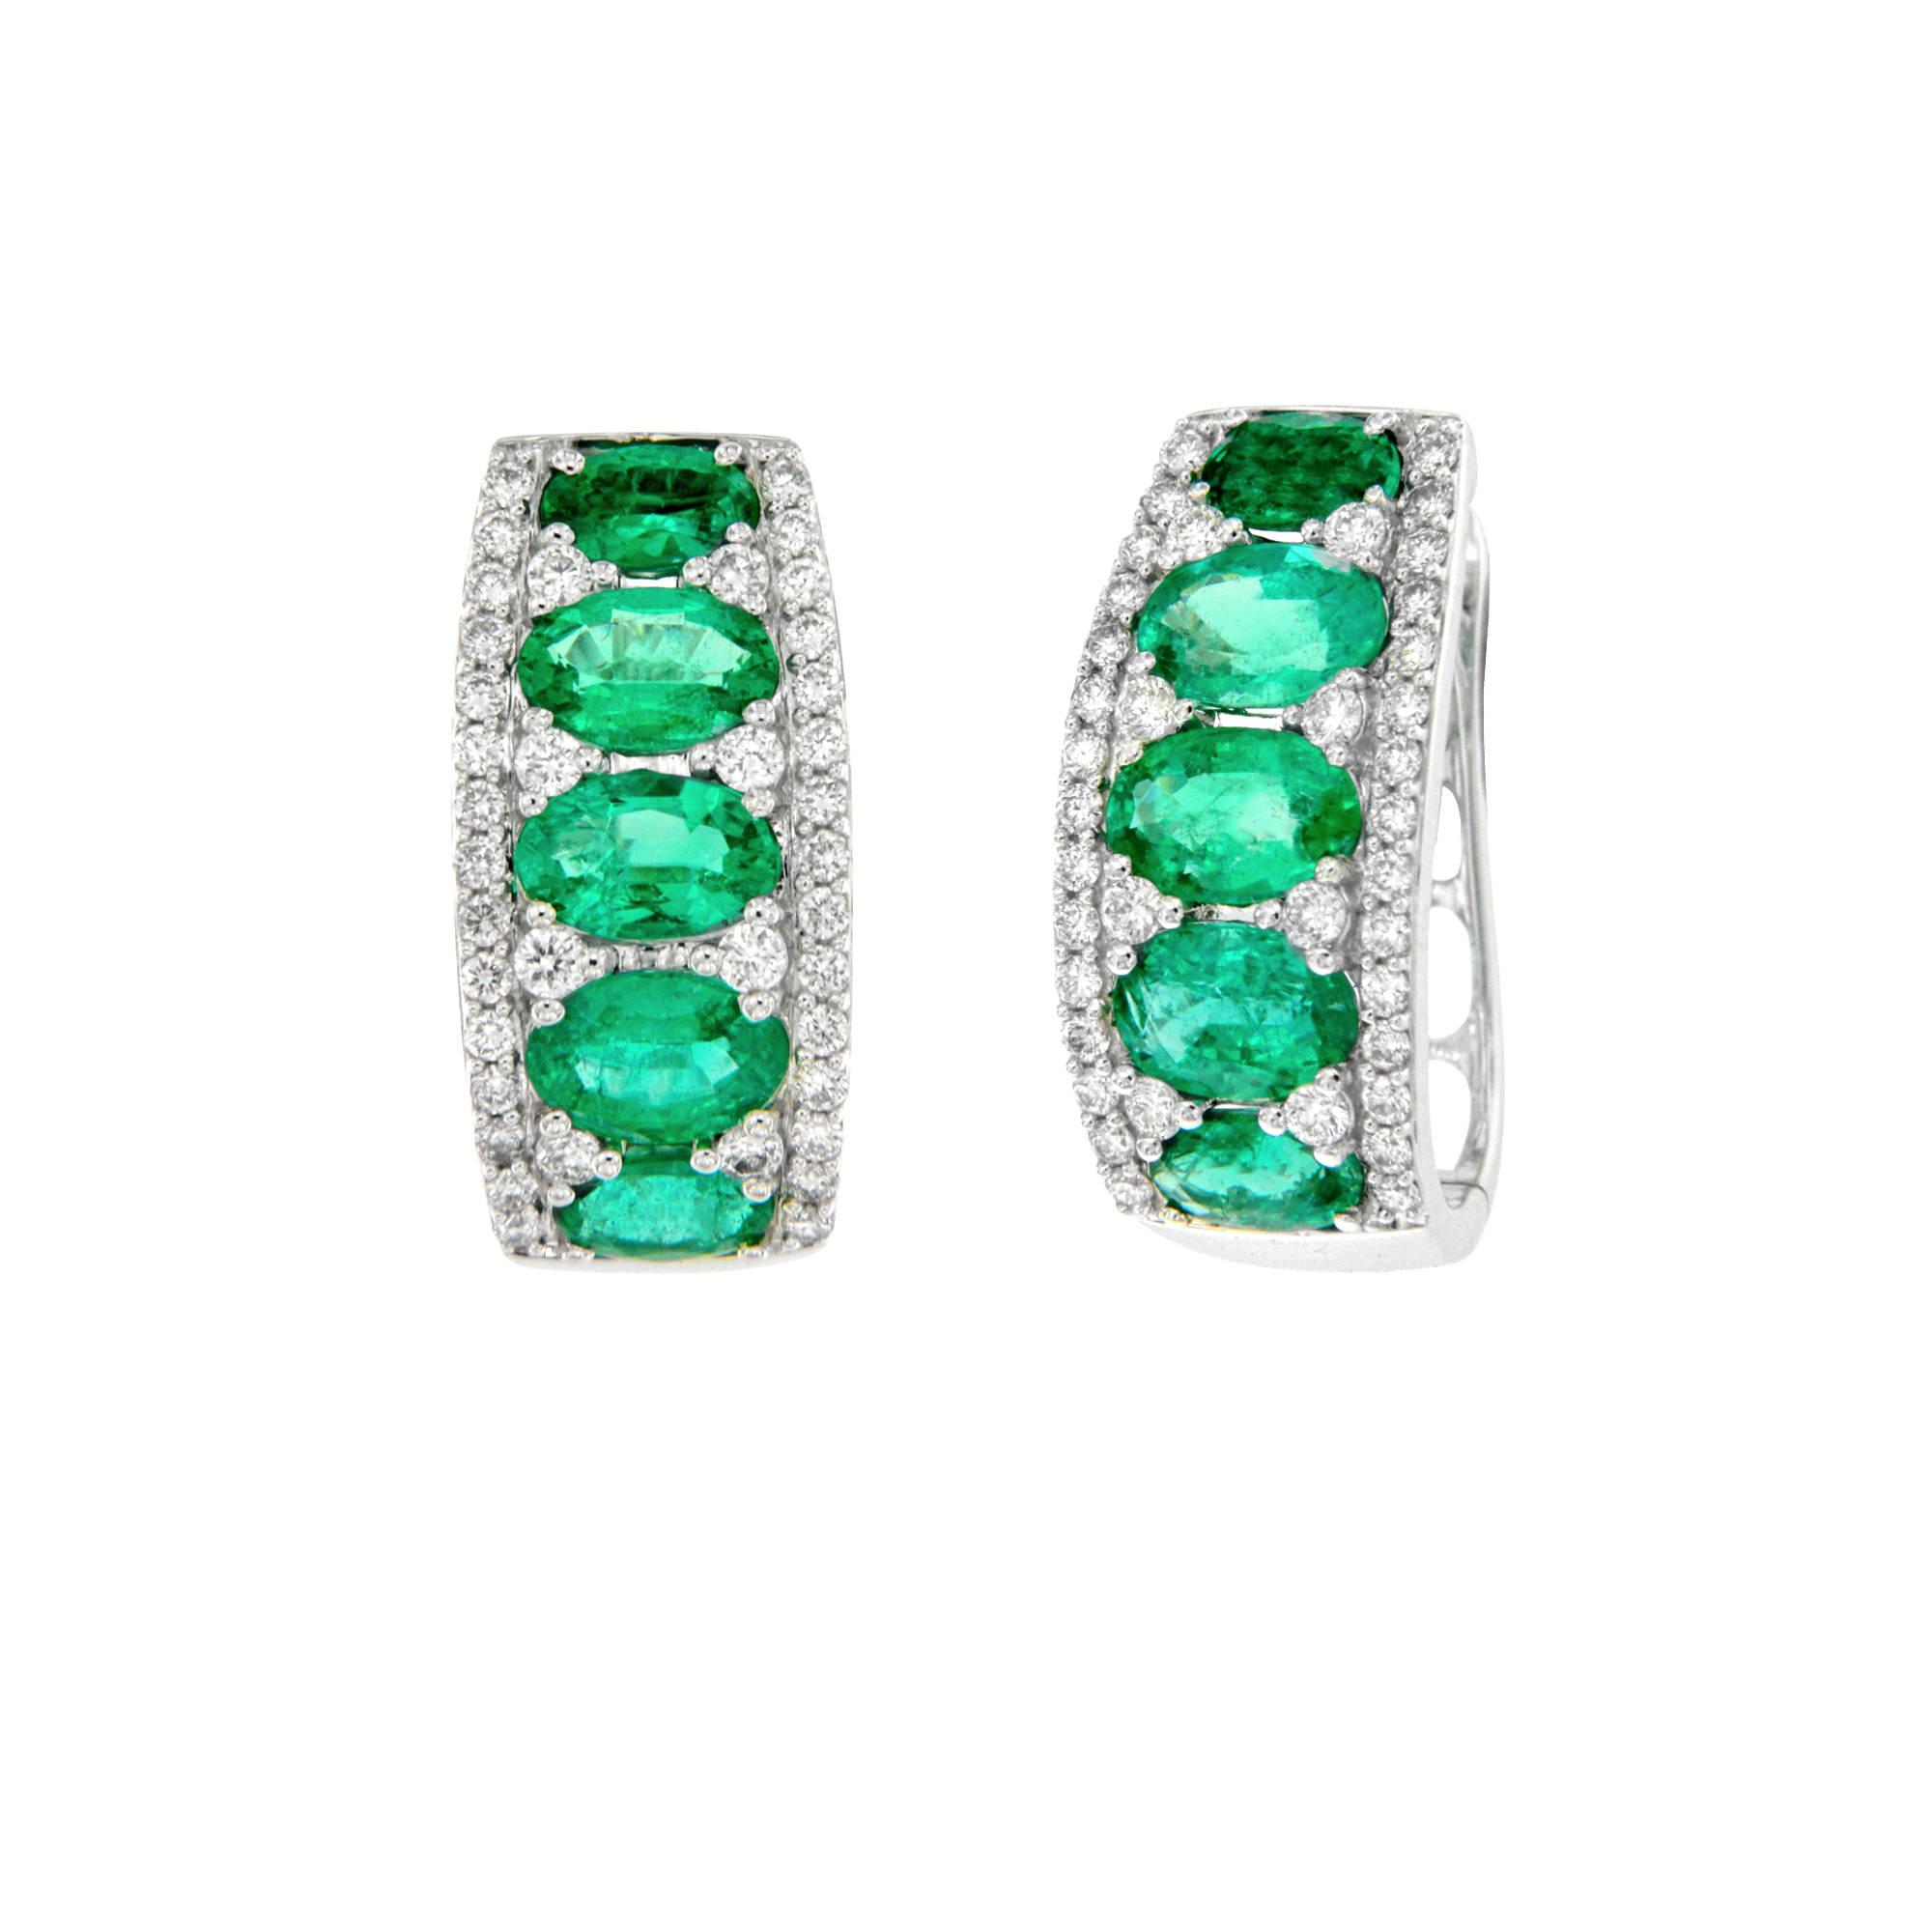 Orecchini in oro bianco 18 ct con brillanti e smeraldi ER15233S1 White gold earrings with brilliants and emeralds ER15233S